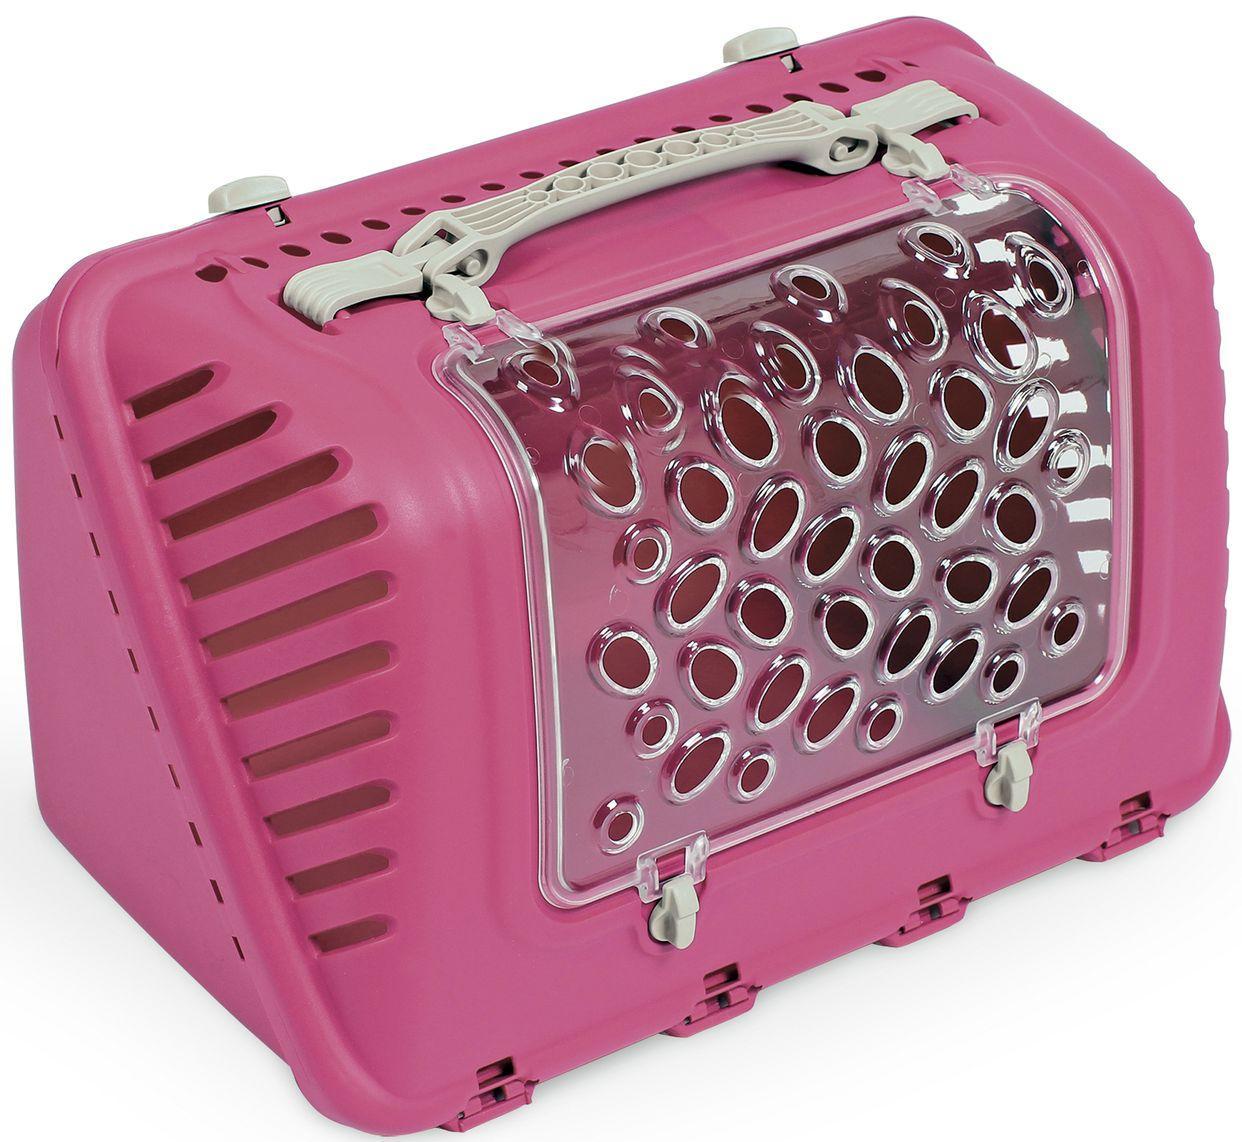 Переноска пластикова ФЕШИОН P-BAG FASHION для кішок і собак вагою до 10 кг, 44,5 * 26,5 * 28 см, рожева